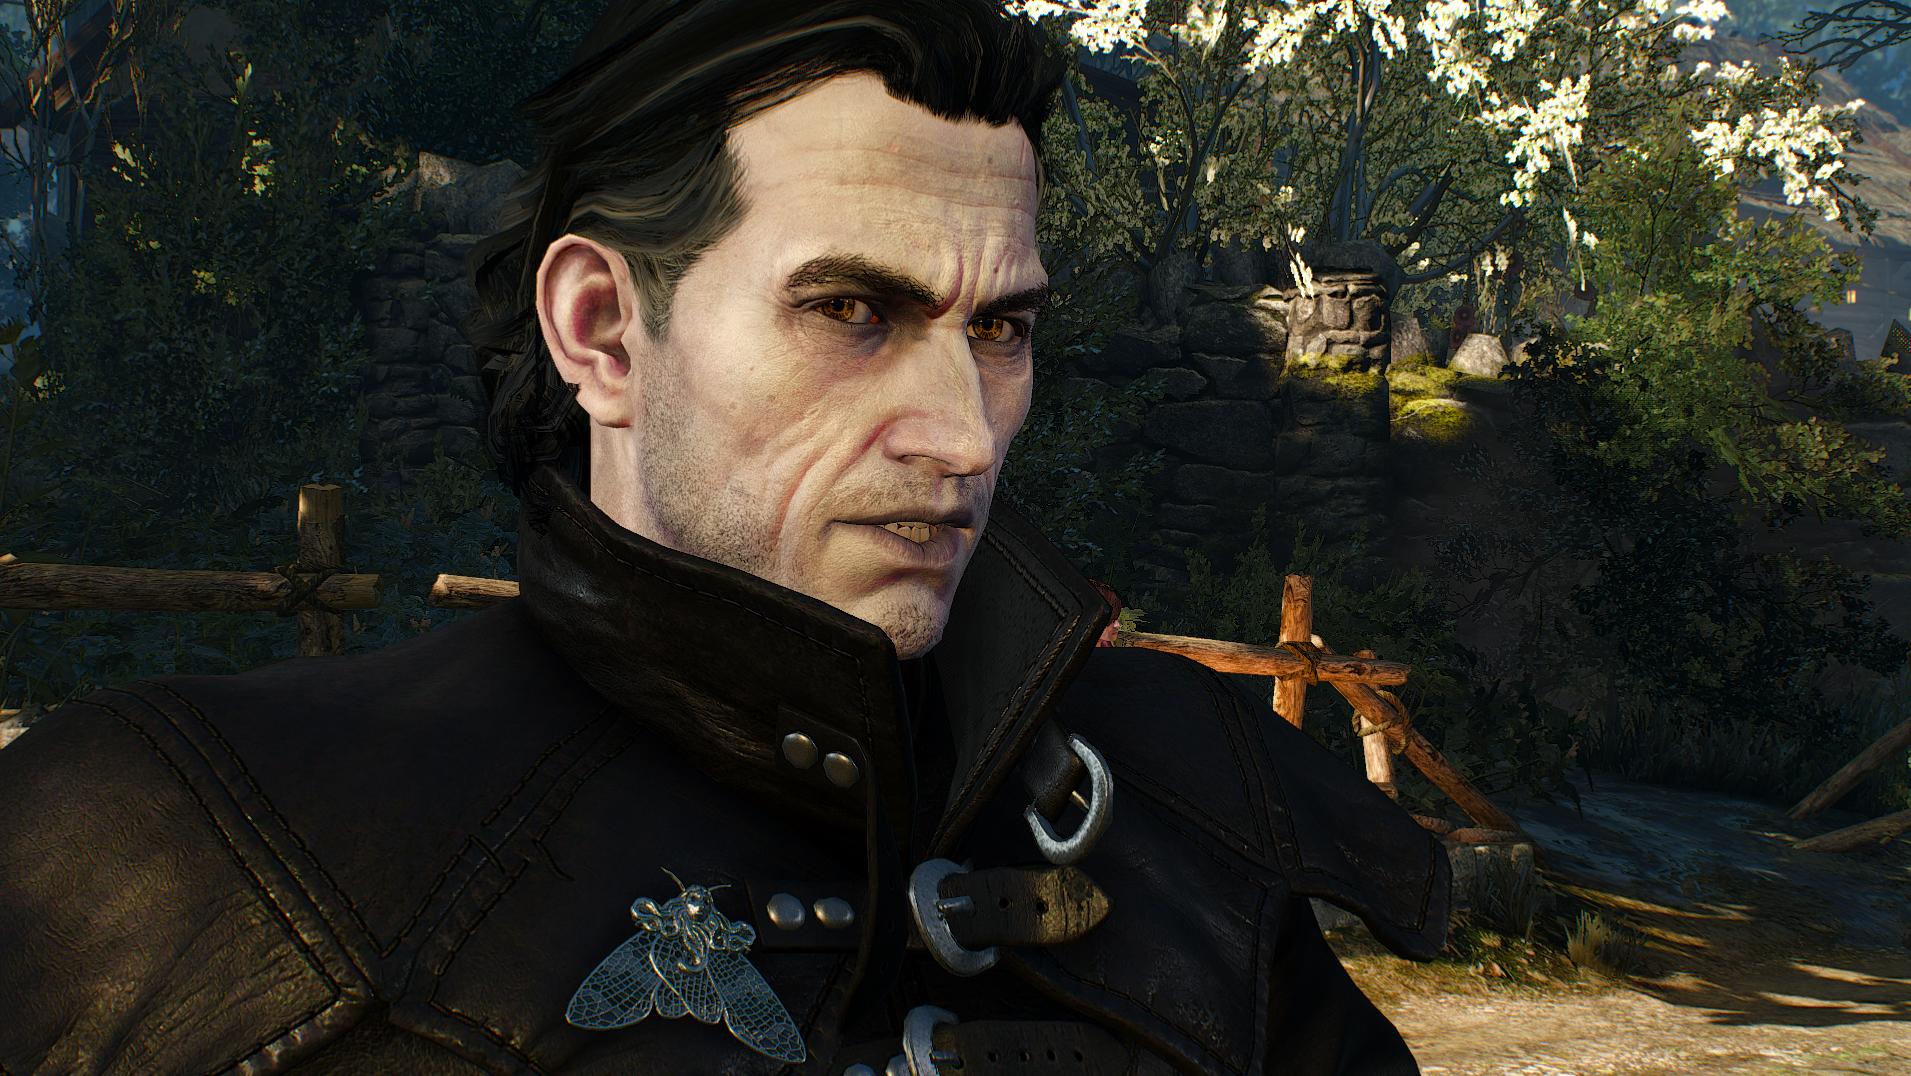 Моддер улучшил лица персонажей The Witcher 3: Wild Hunt